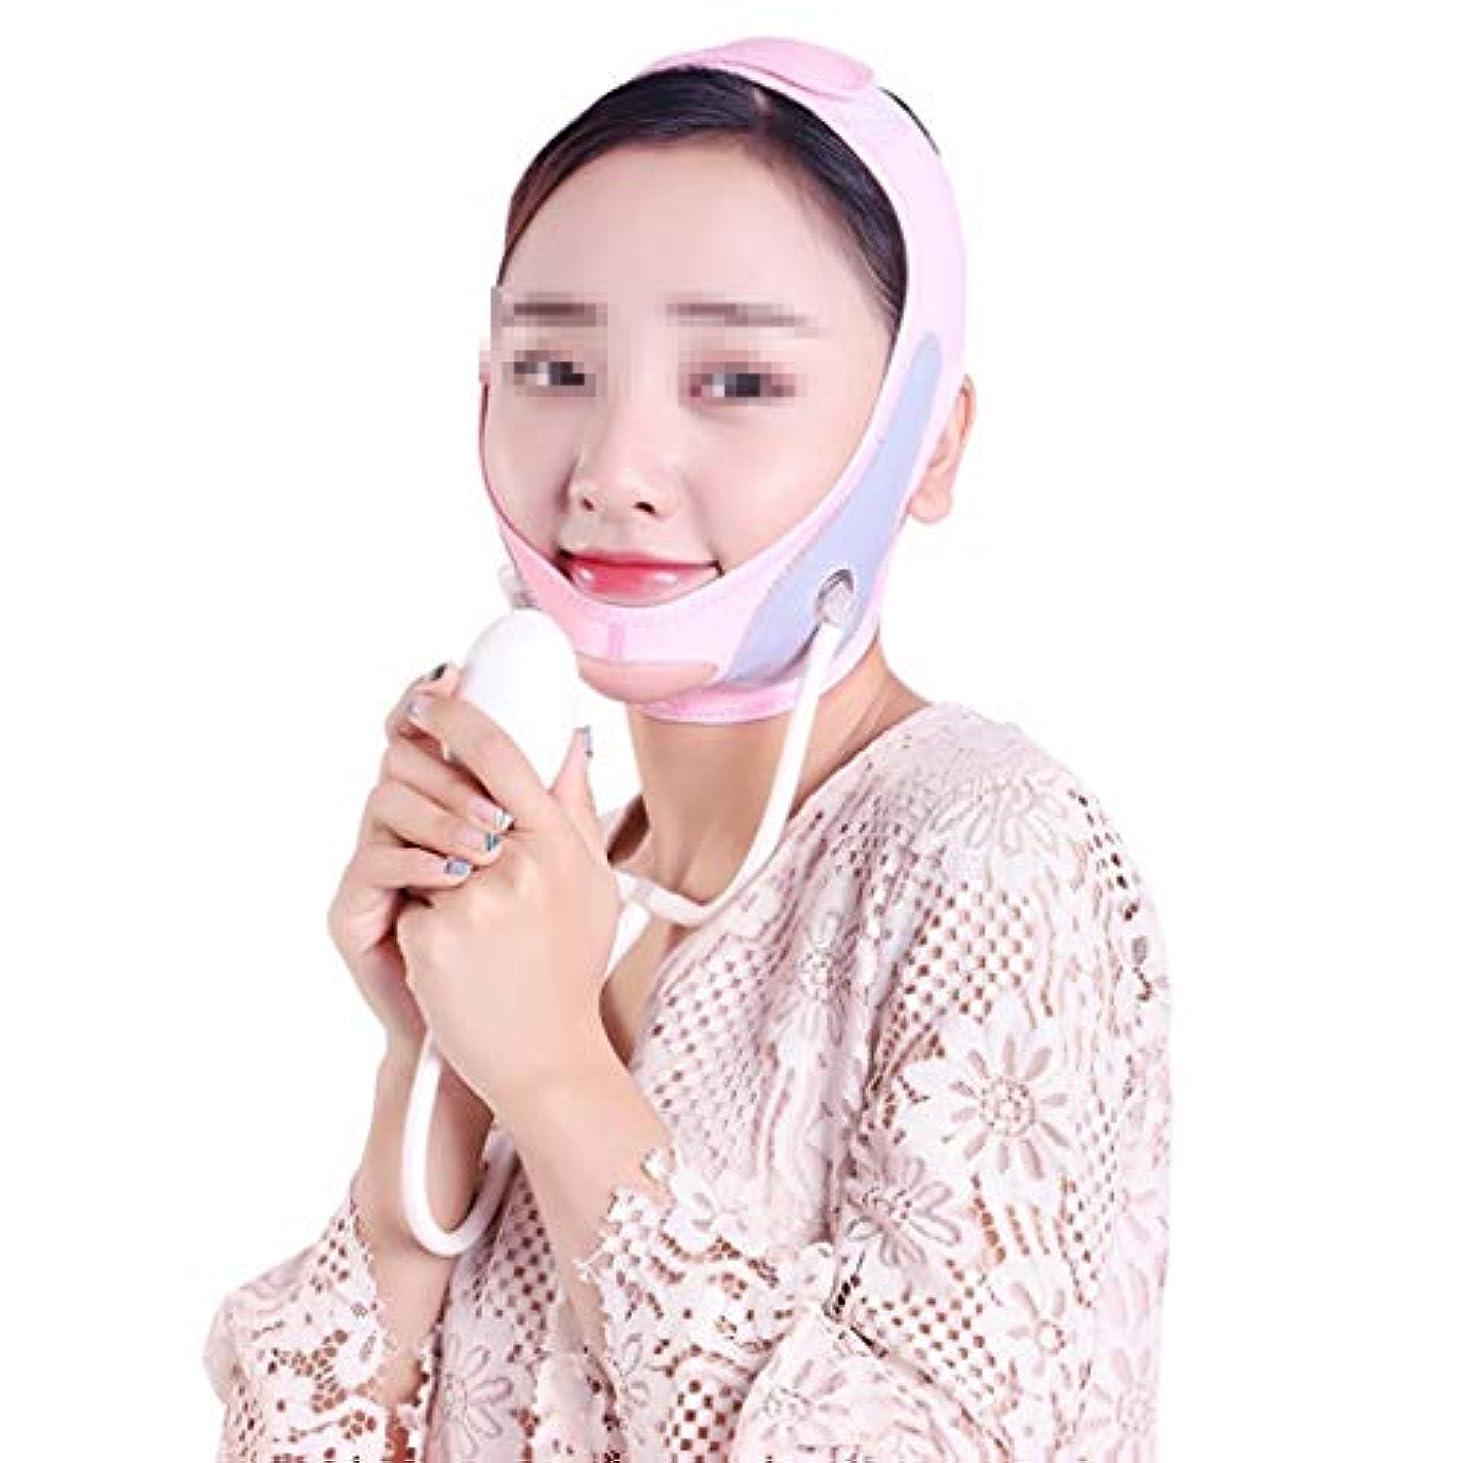 選択反対に配送XHLMRMJ インフレータブルフェイスリフティングマスク、小さなVフェイスステッカーリフトプル形状の筋肉引き締め肌二重あご包帯